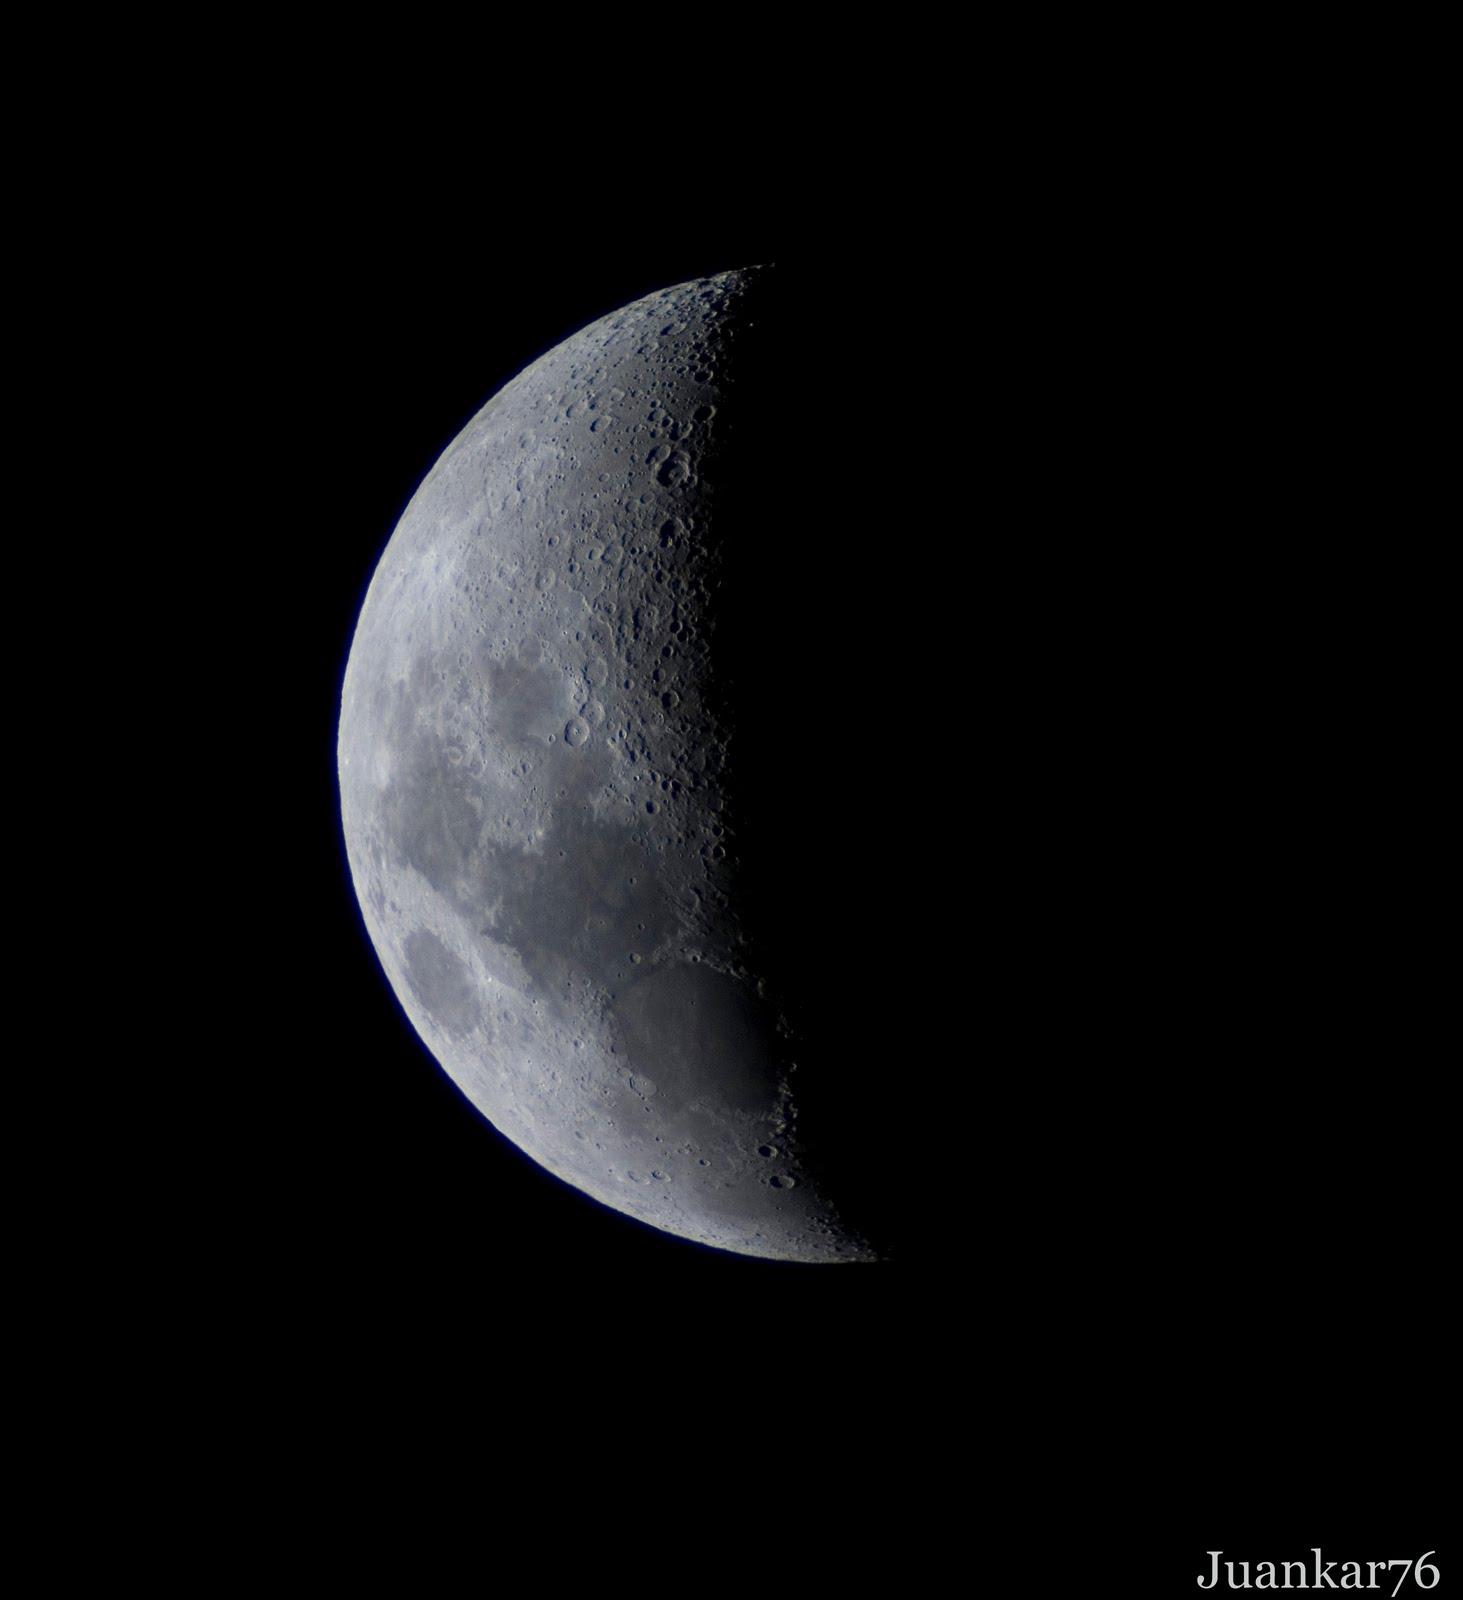 Calendario astron mico lunar para diciembre 2014 for Cuarto menguante de la luna